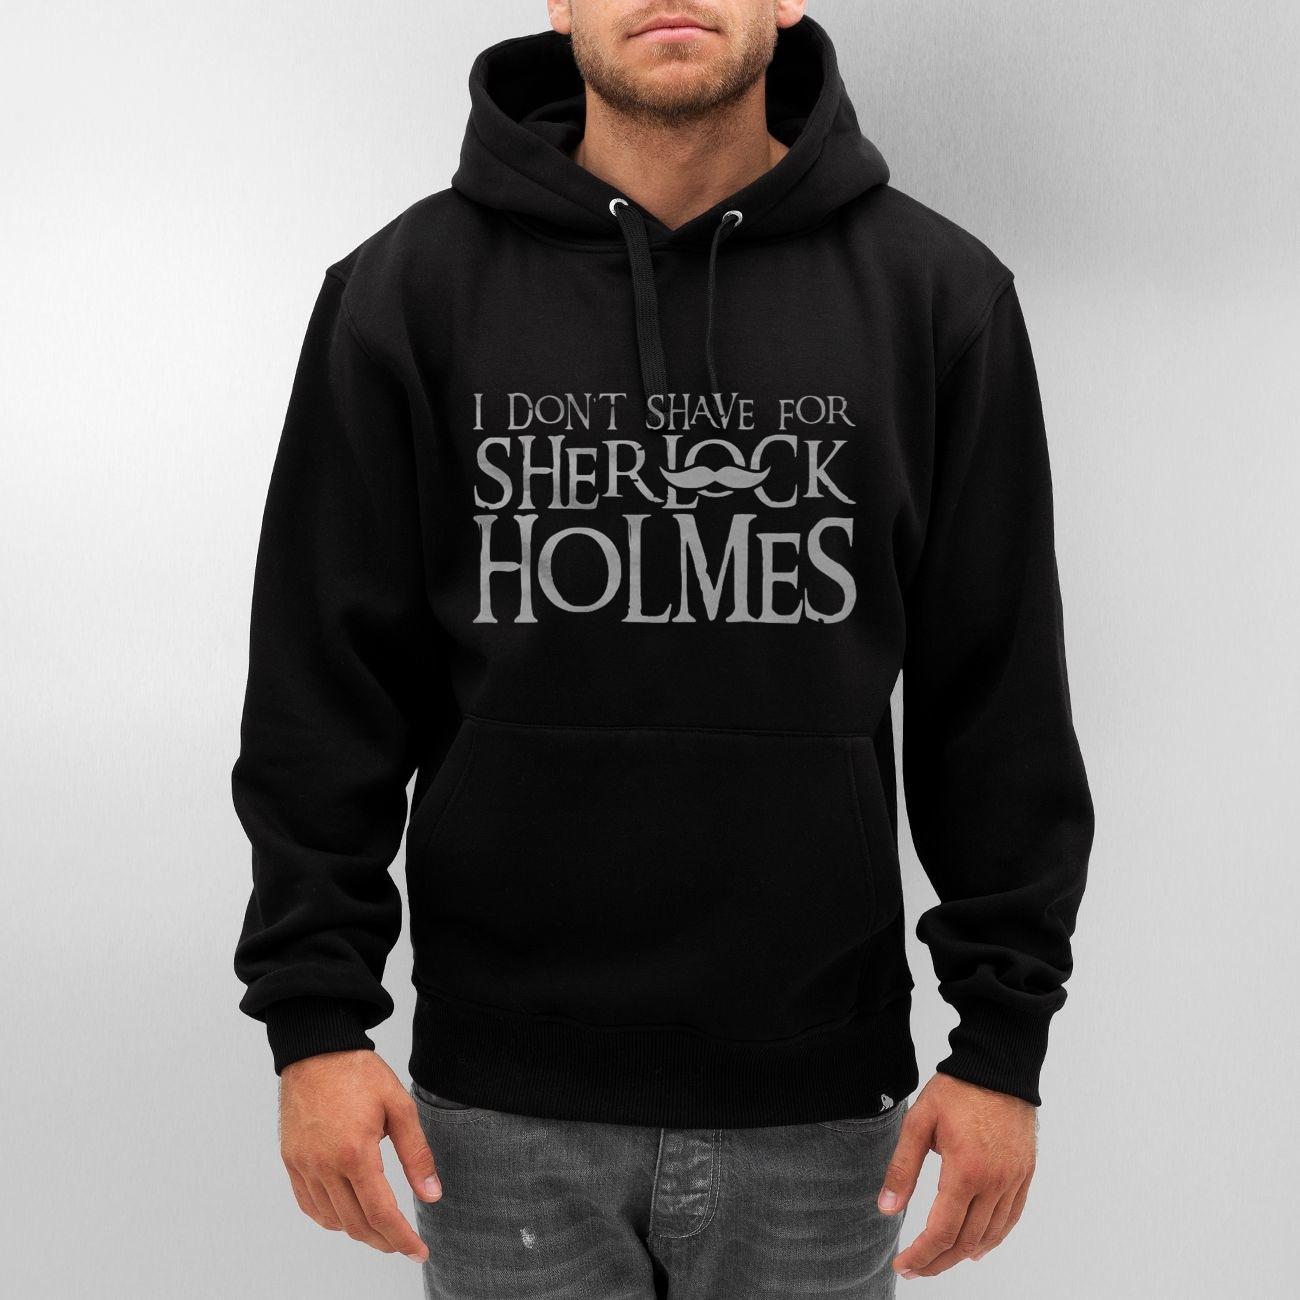 Black Hoodie Template. plain black hoodie 38 wide wallpaper ...